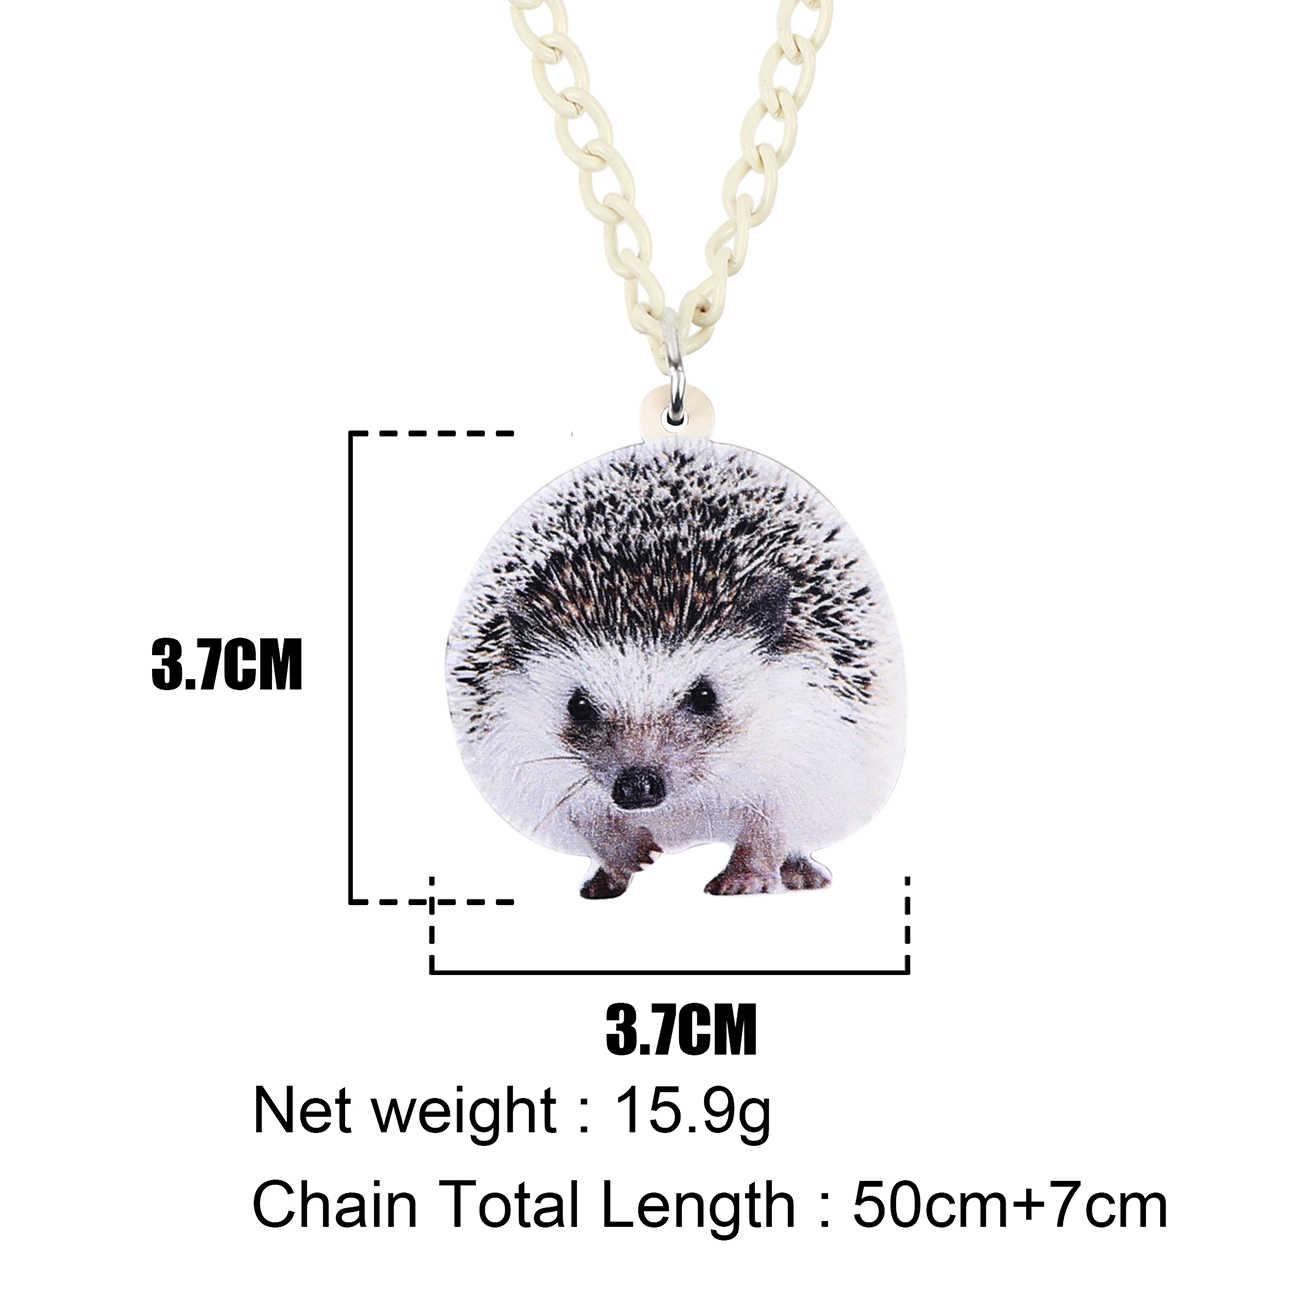 Bonsny Akrilik Abu-abu Lucu Landak Liontin Kalung Rantai Kalung Fashion Hewan Peliharaan Perhiasan untuk Wanita Perempuan Pesona Banyak Hadiah Pesta